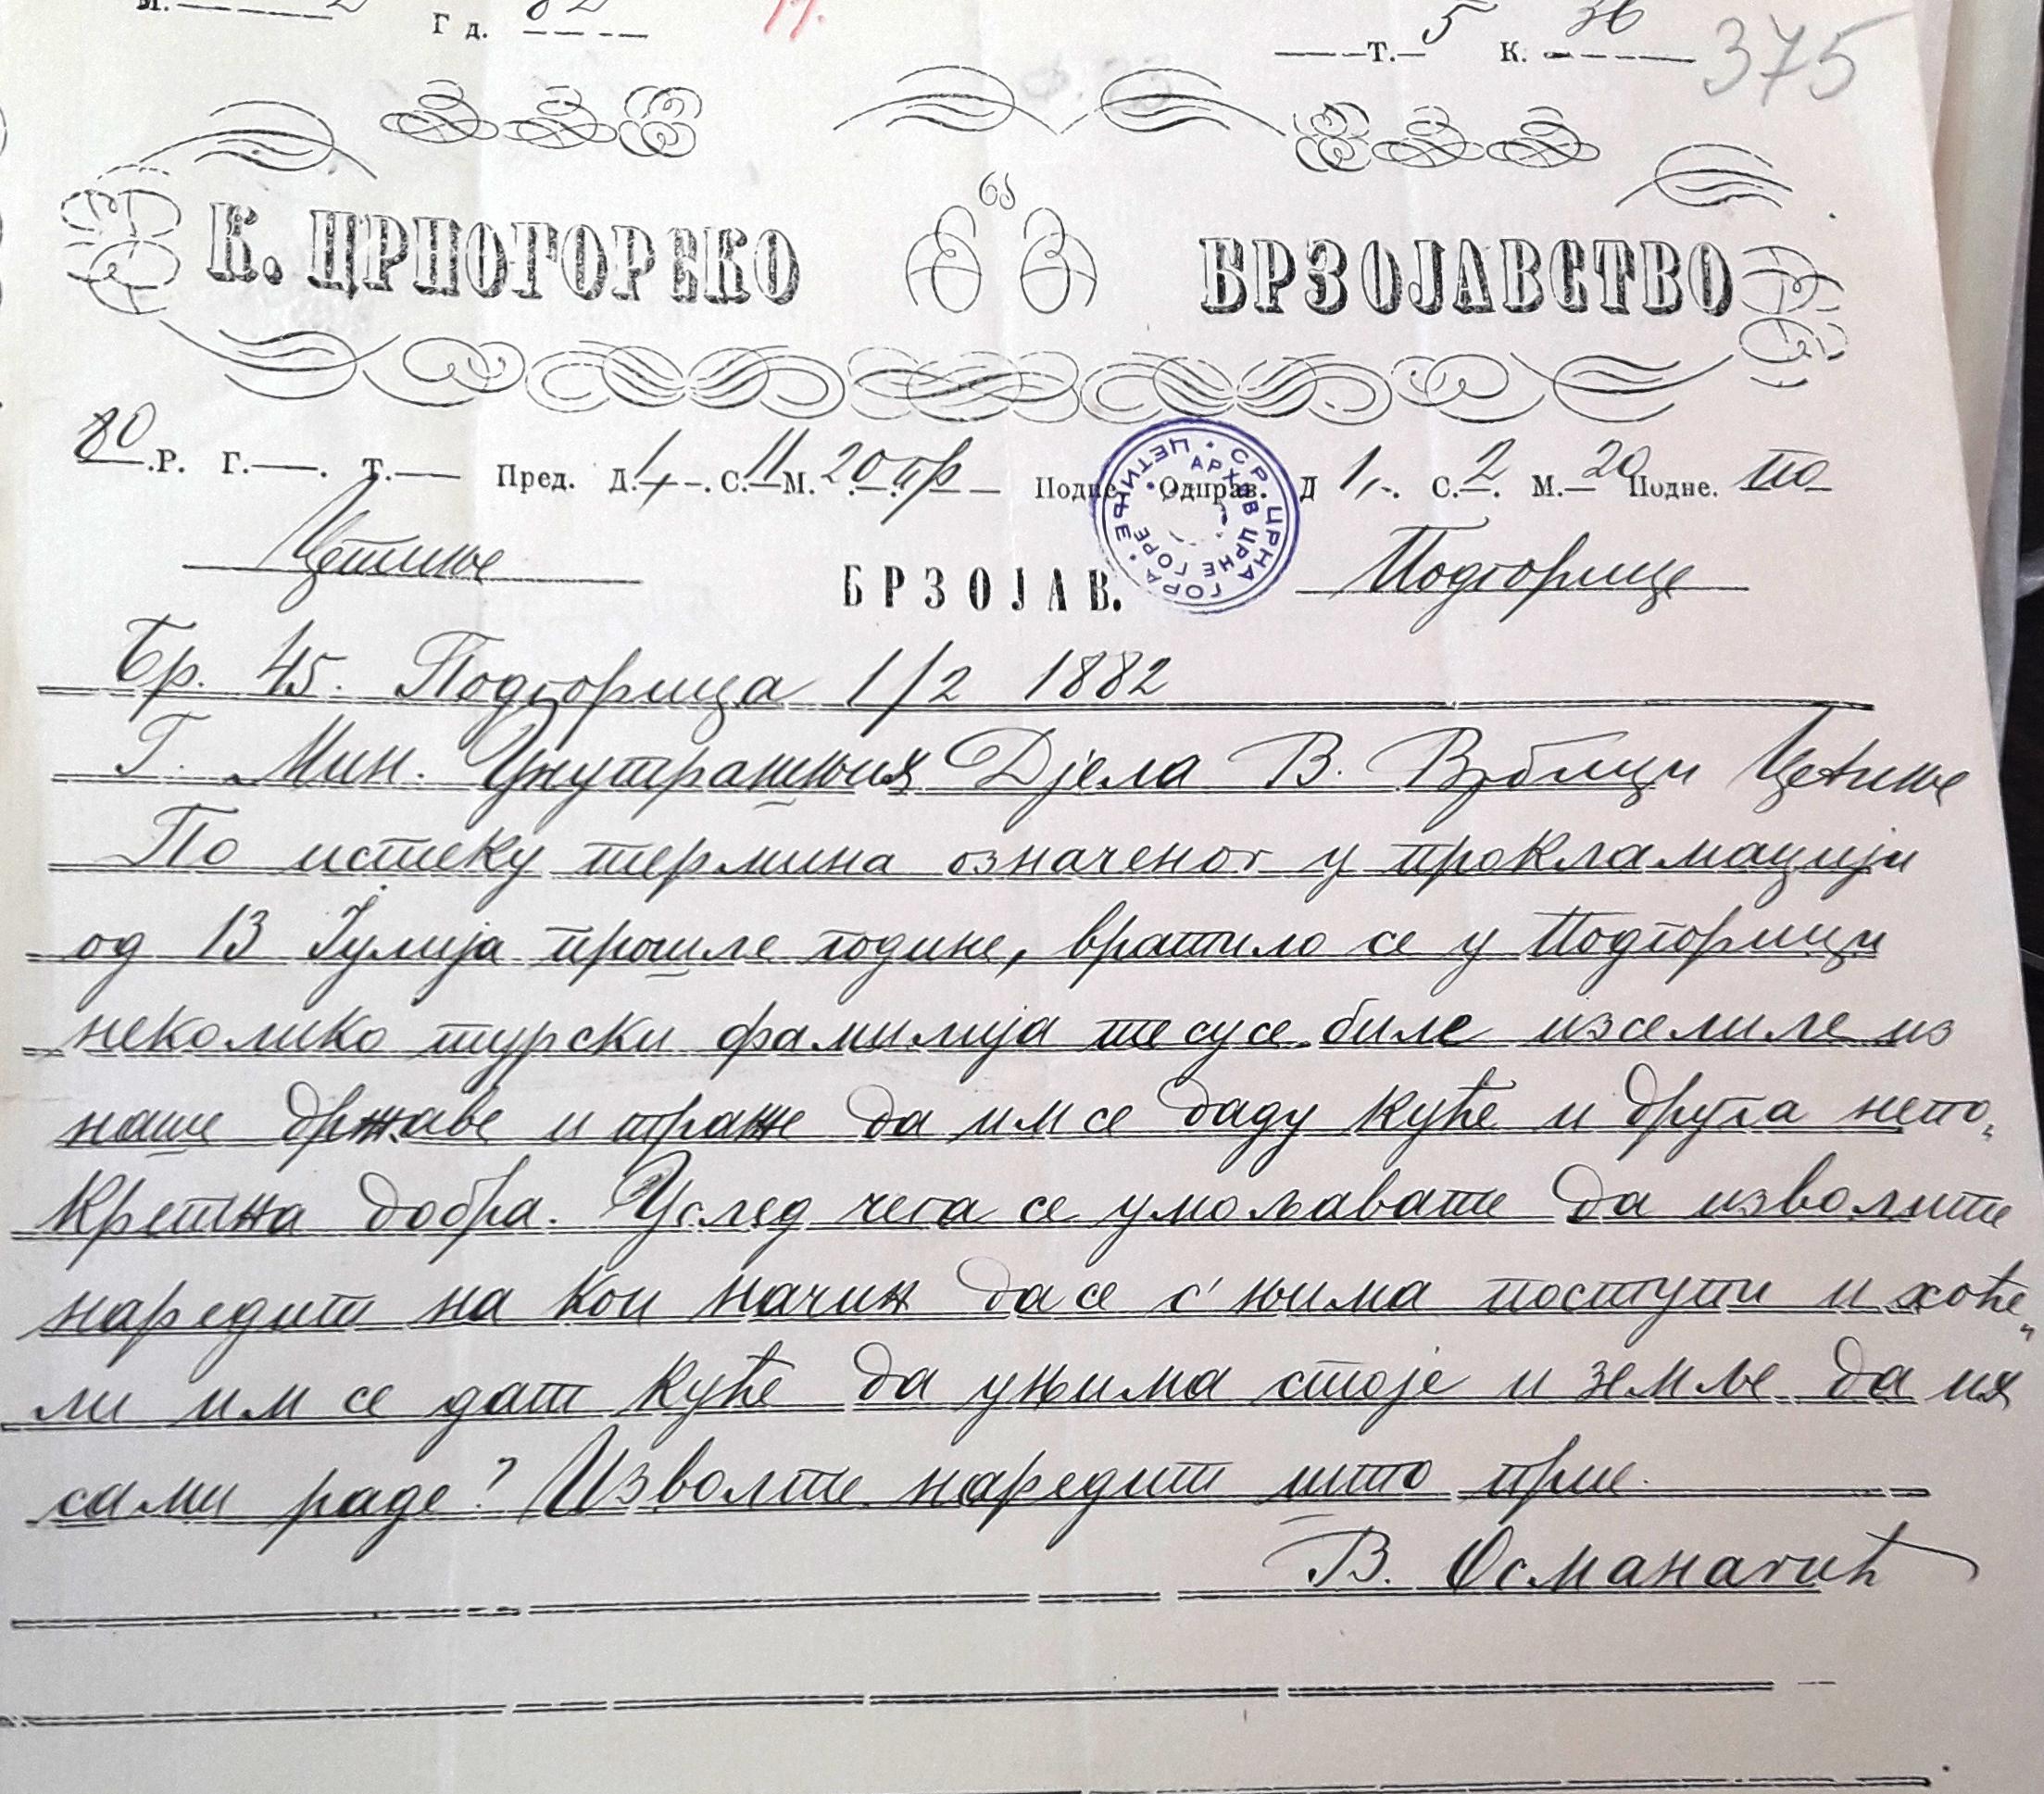 Pitanje vojvode Bećir bega Osmanagića crnogorskim vlastima o nekim emigrantima koji su se vratili u Podgoricu, MUD, 1881.